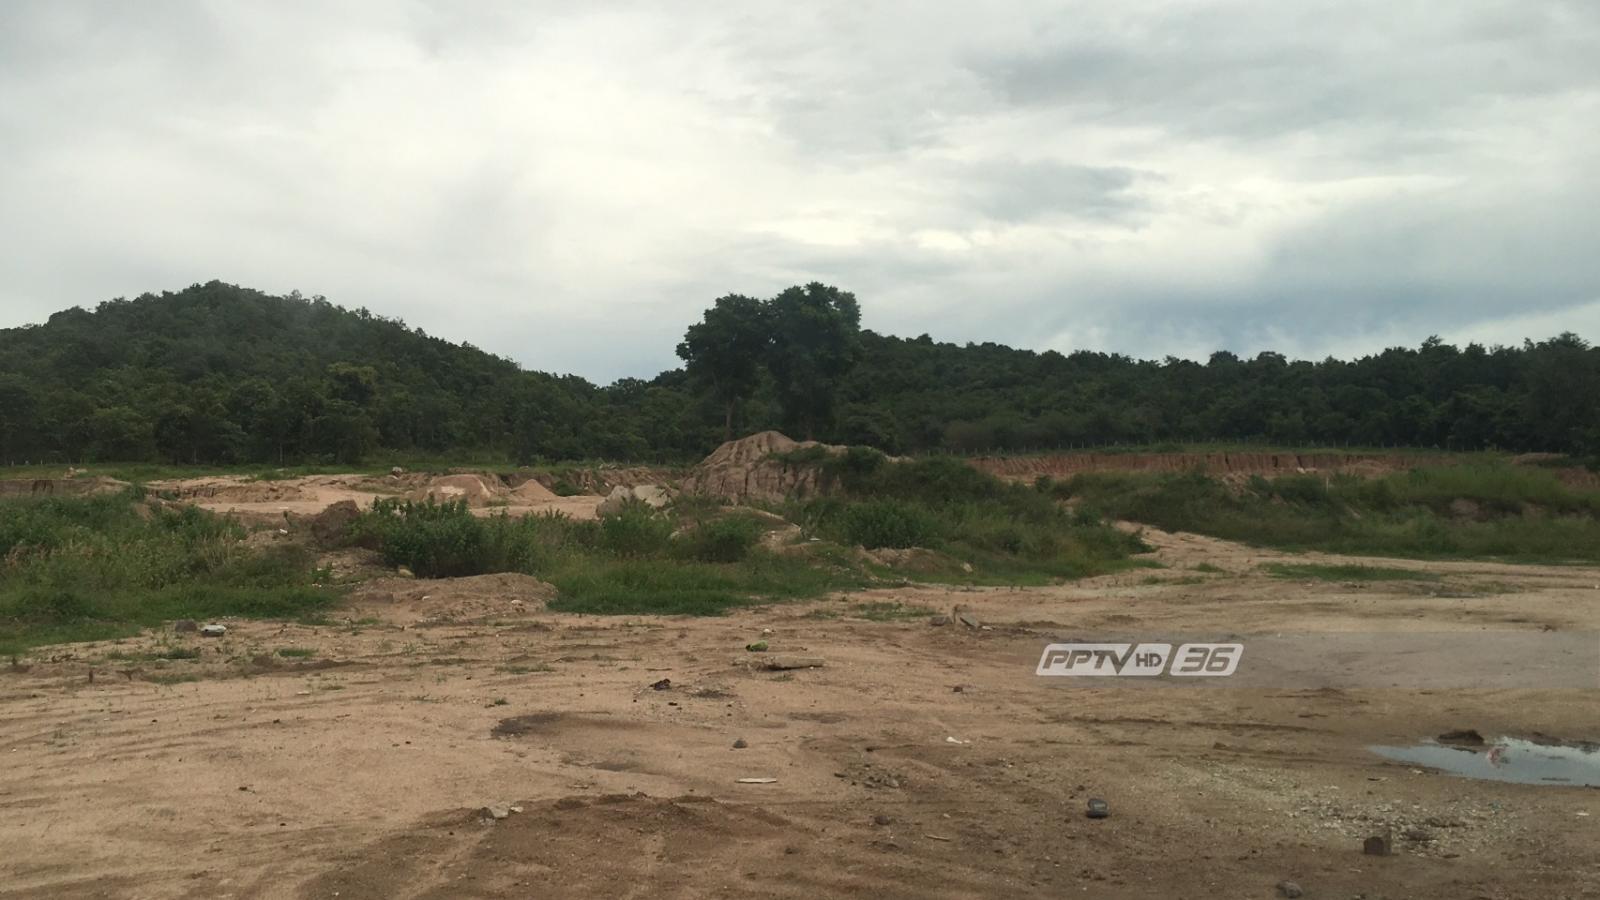 """""""ศรีวราห์"""" สั่งยึดที่ดินรุกล้ำเขตป่าพังตุ จ.กาญจนบุรี ลักลอบขุดทรายขาย"""